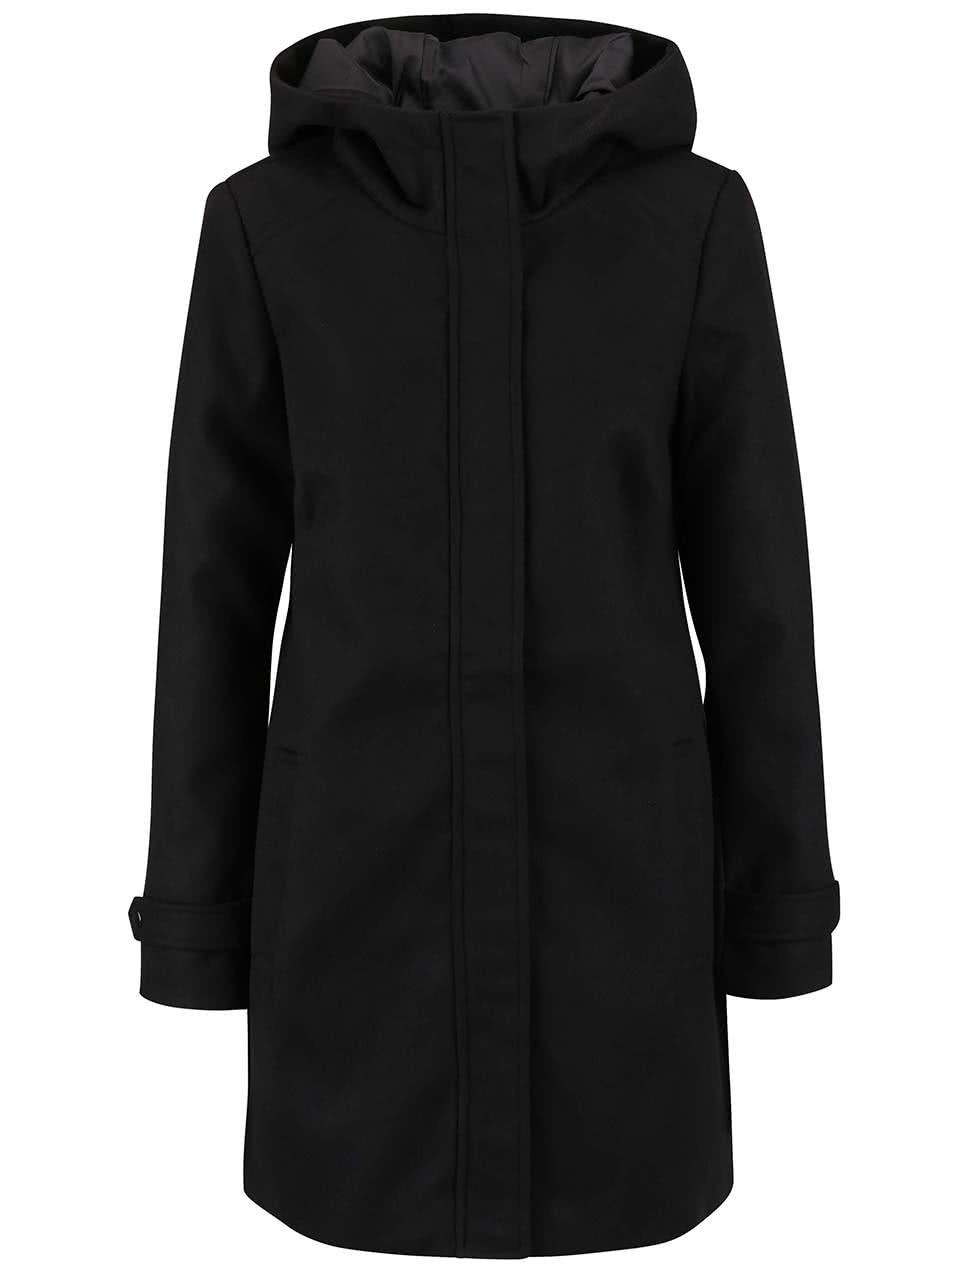 Černý kabát s kapucí Vero Moda Mialiga